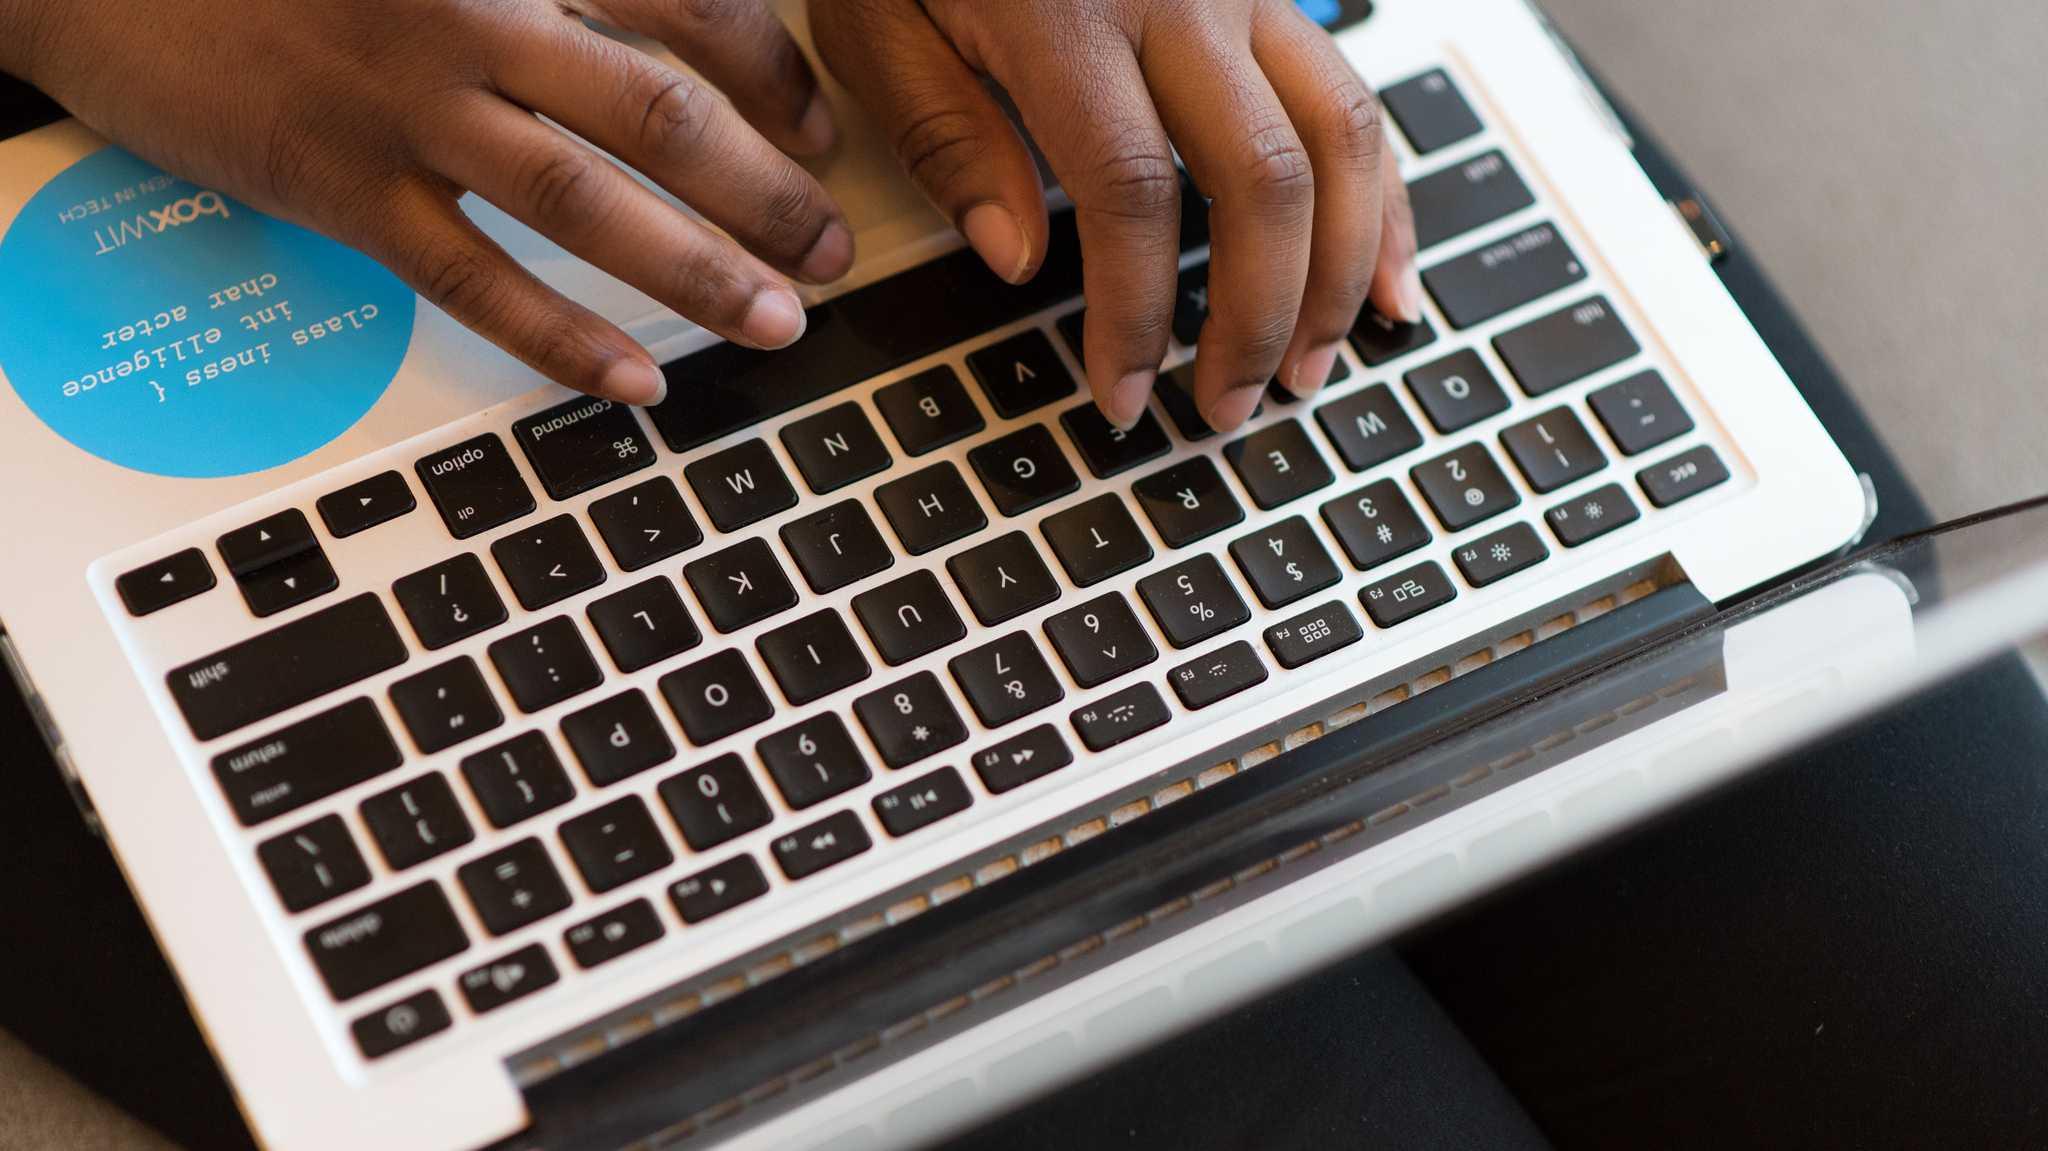 GI-Ethik-Prinzipien: Informatiker sollen Datenschutz und Diversität befördern